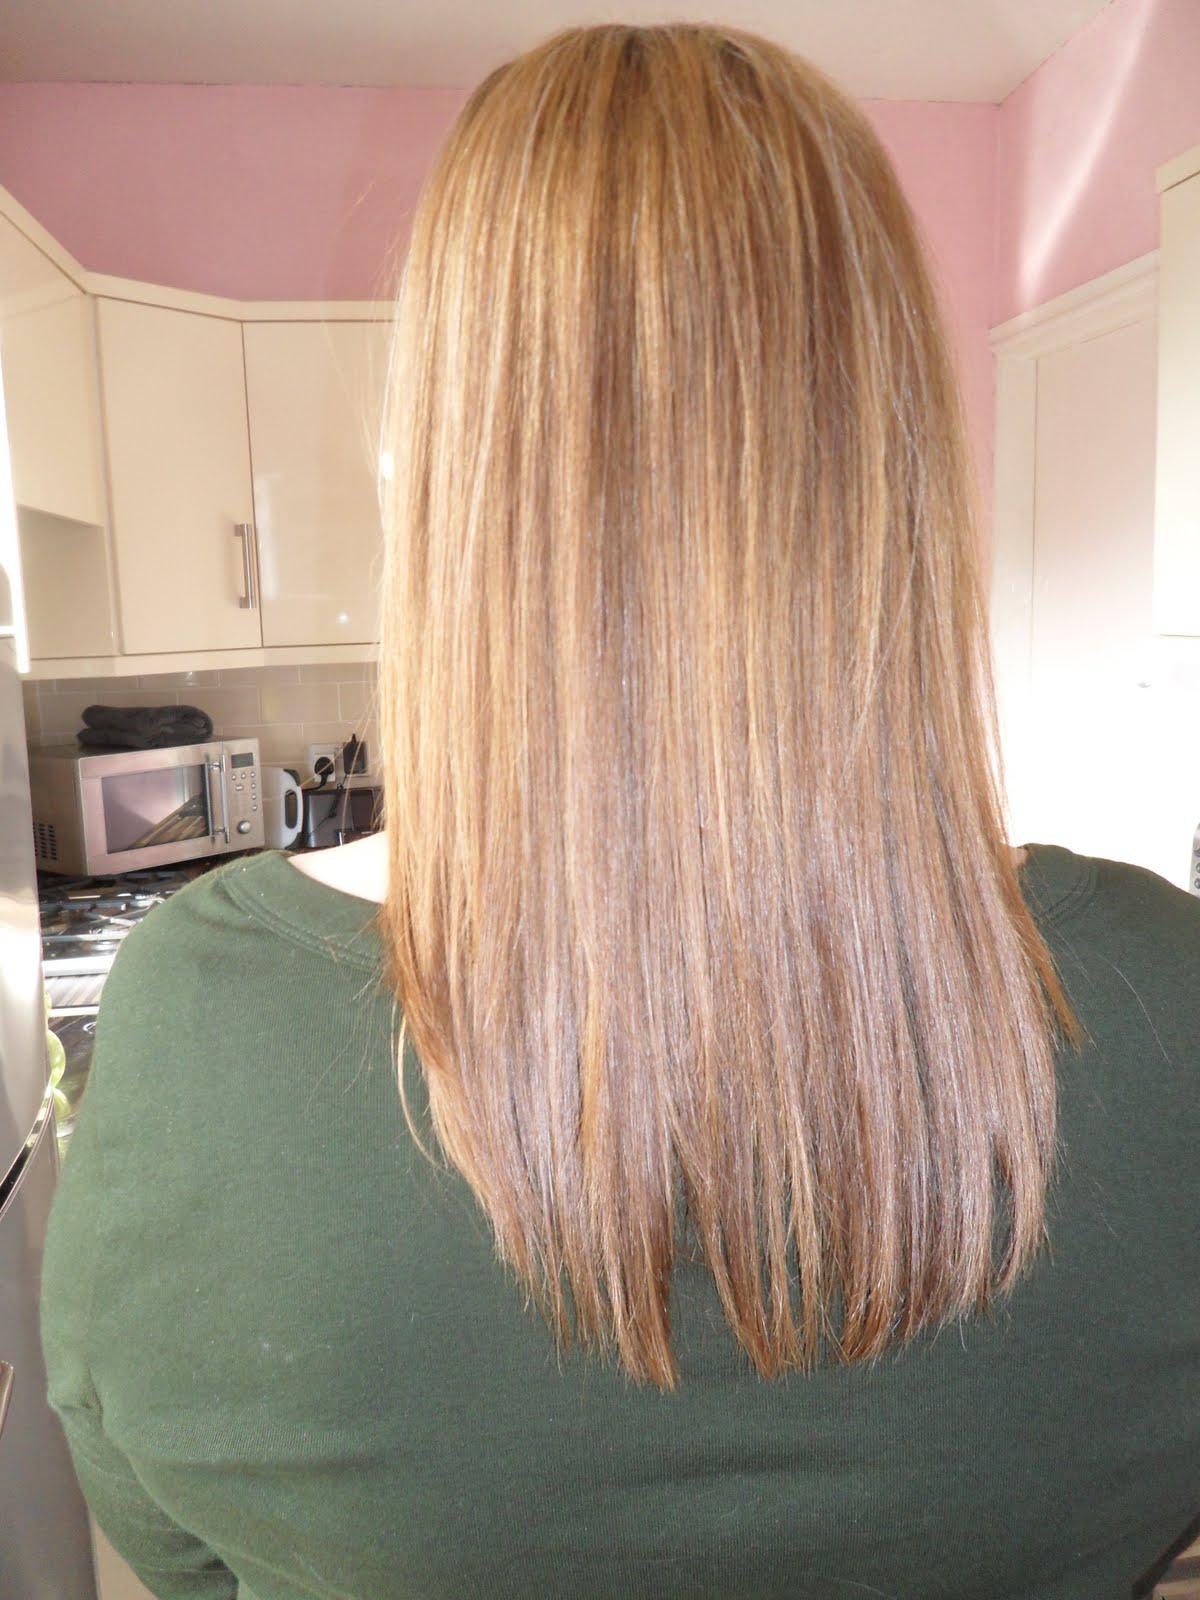 Блестящие волосы. Как сделать волосы блестящими в домашних 36